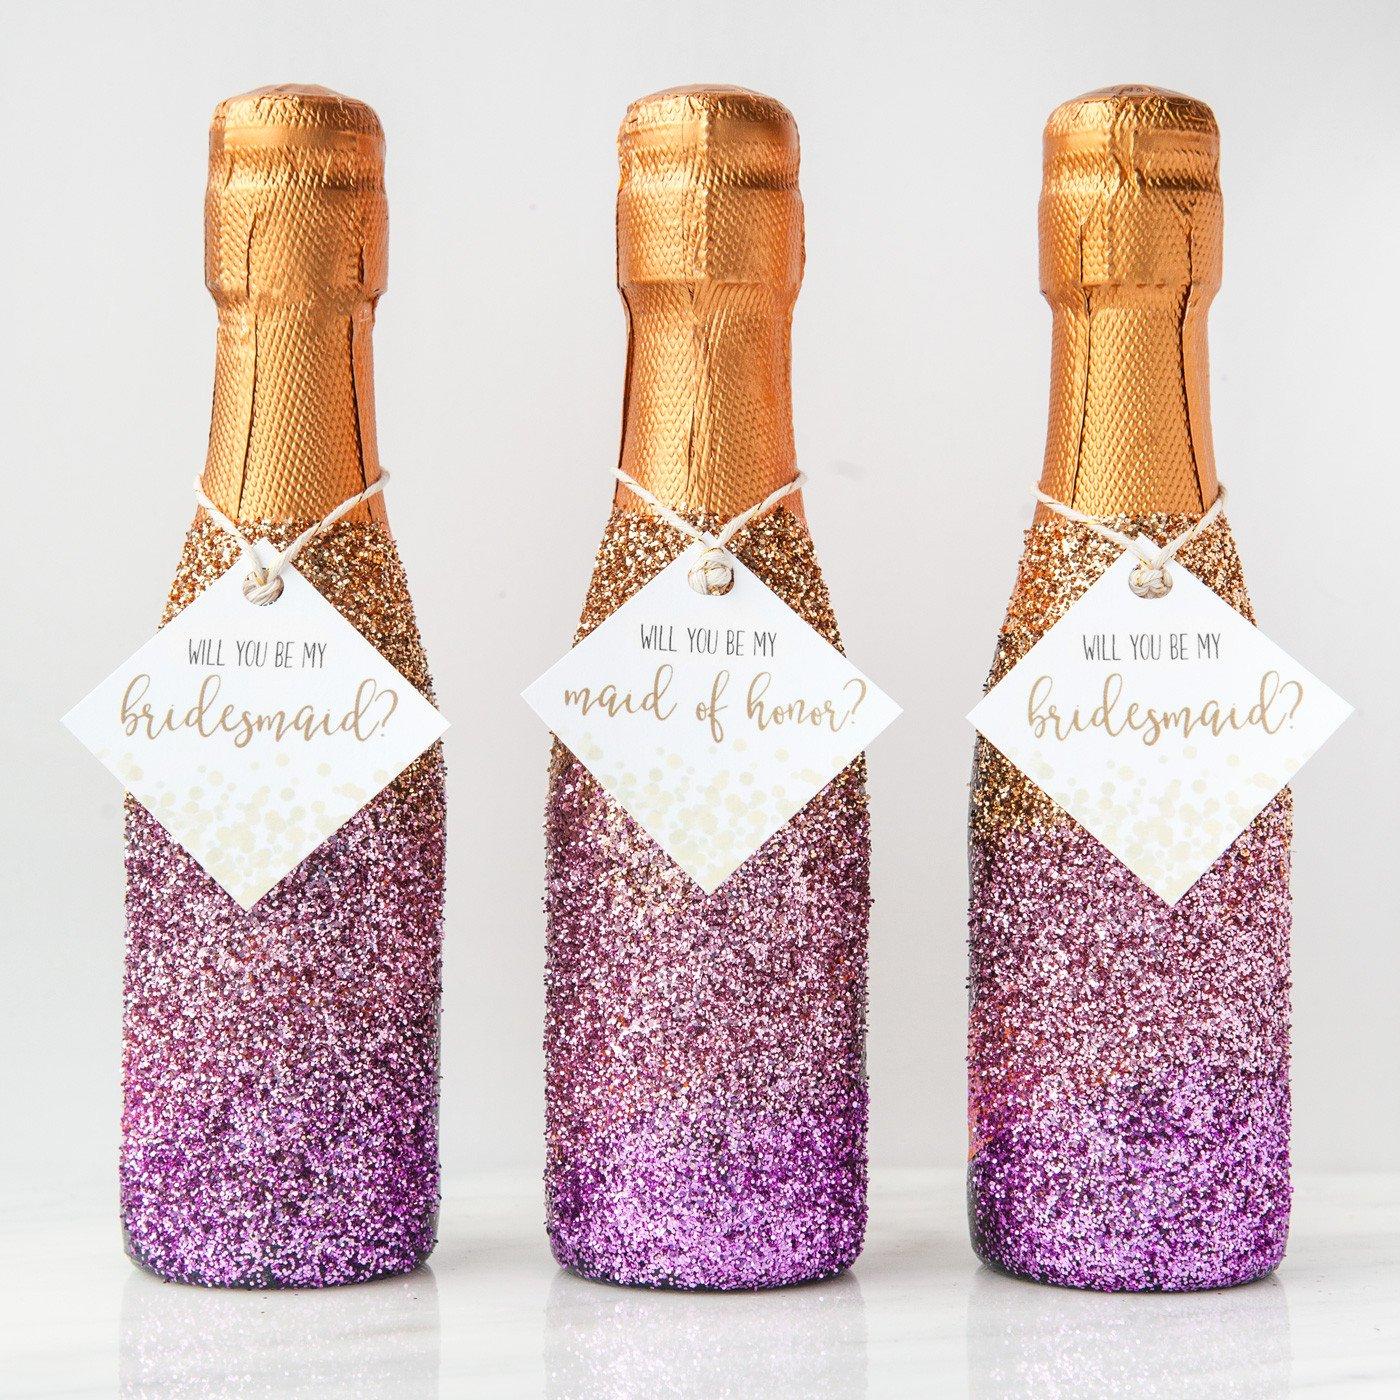 final-three-bottles-1400px-web_d264fa41-f372-4d68-87ef-7f328d11cde9_2000x.jpg